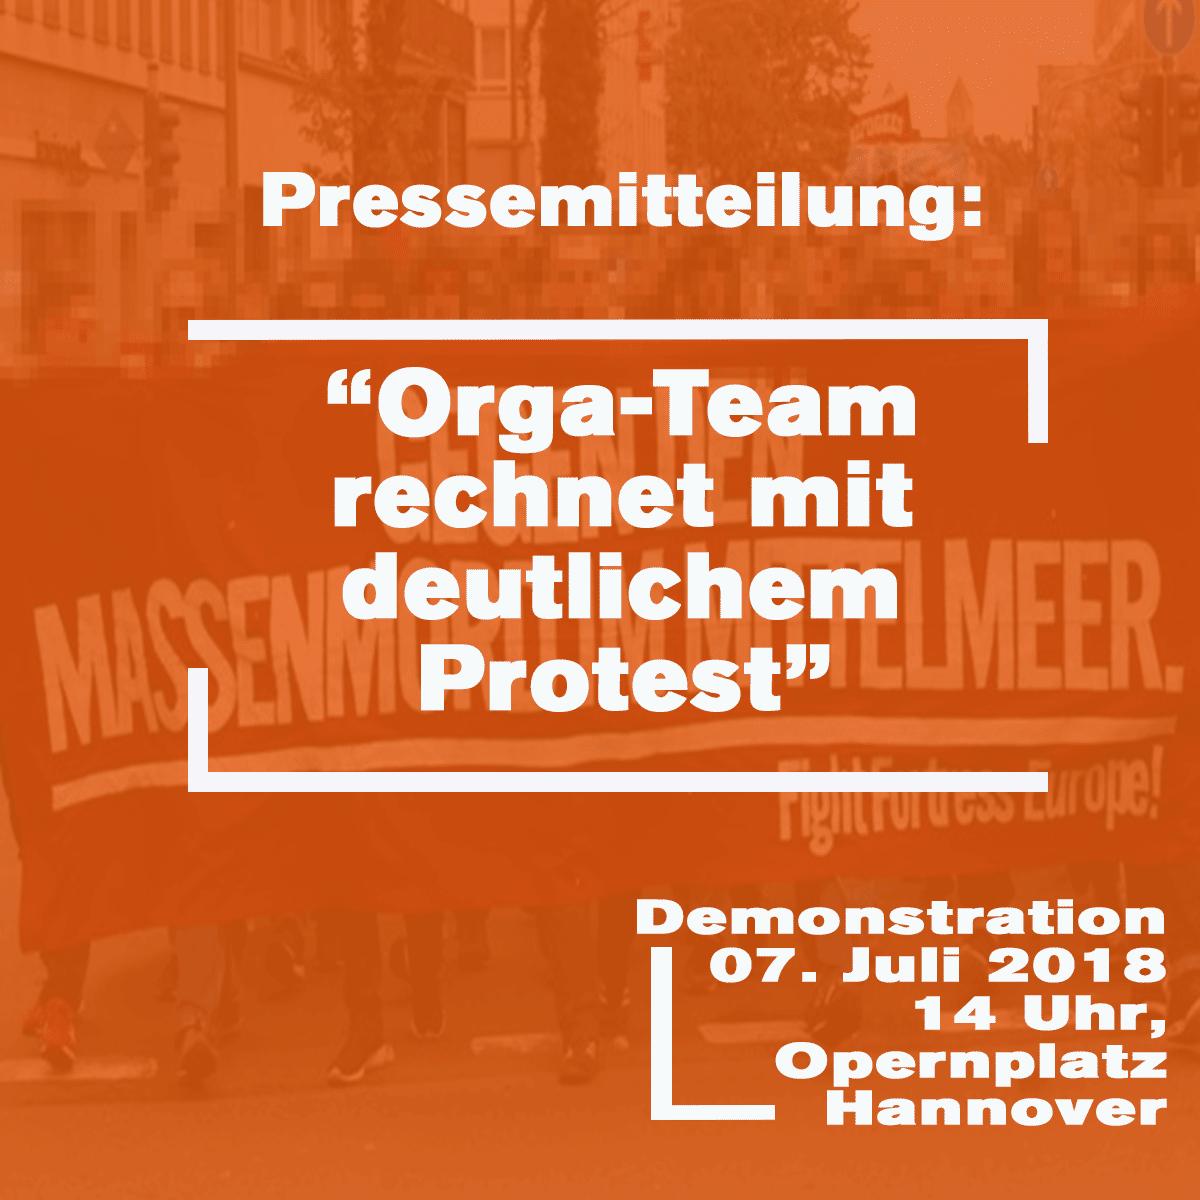 Presse: Demo gegen Abschottungspolitik – OrganisatorInnen rechnen mit vielen Teilnehmenden in Hannover